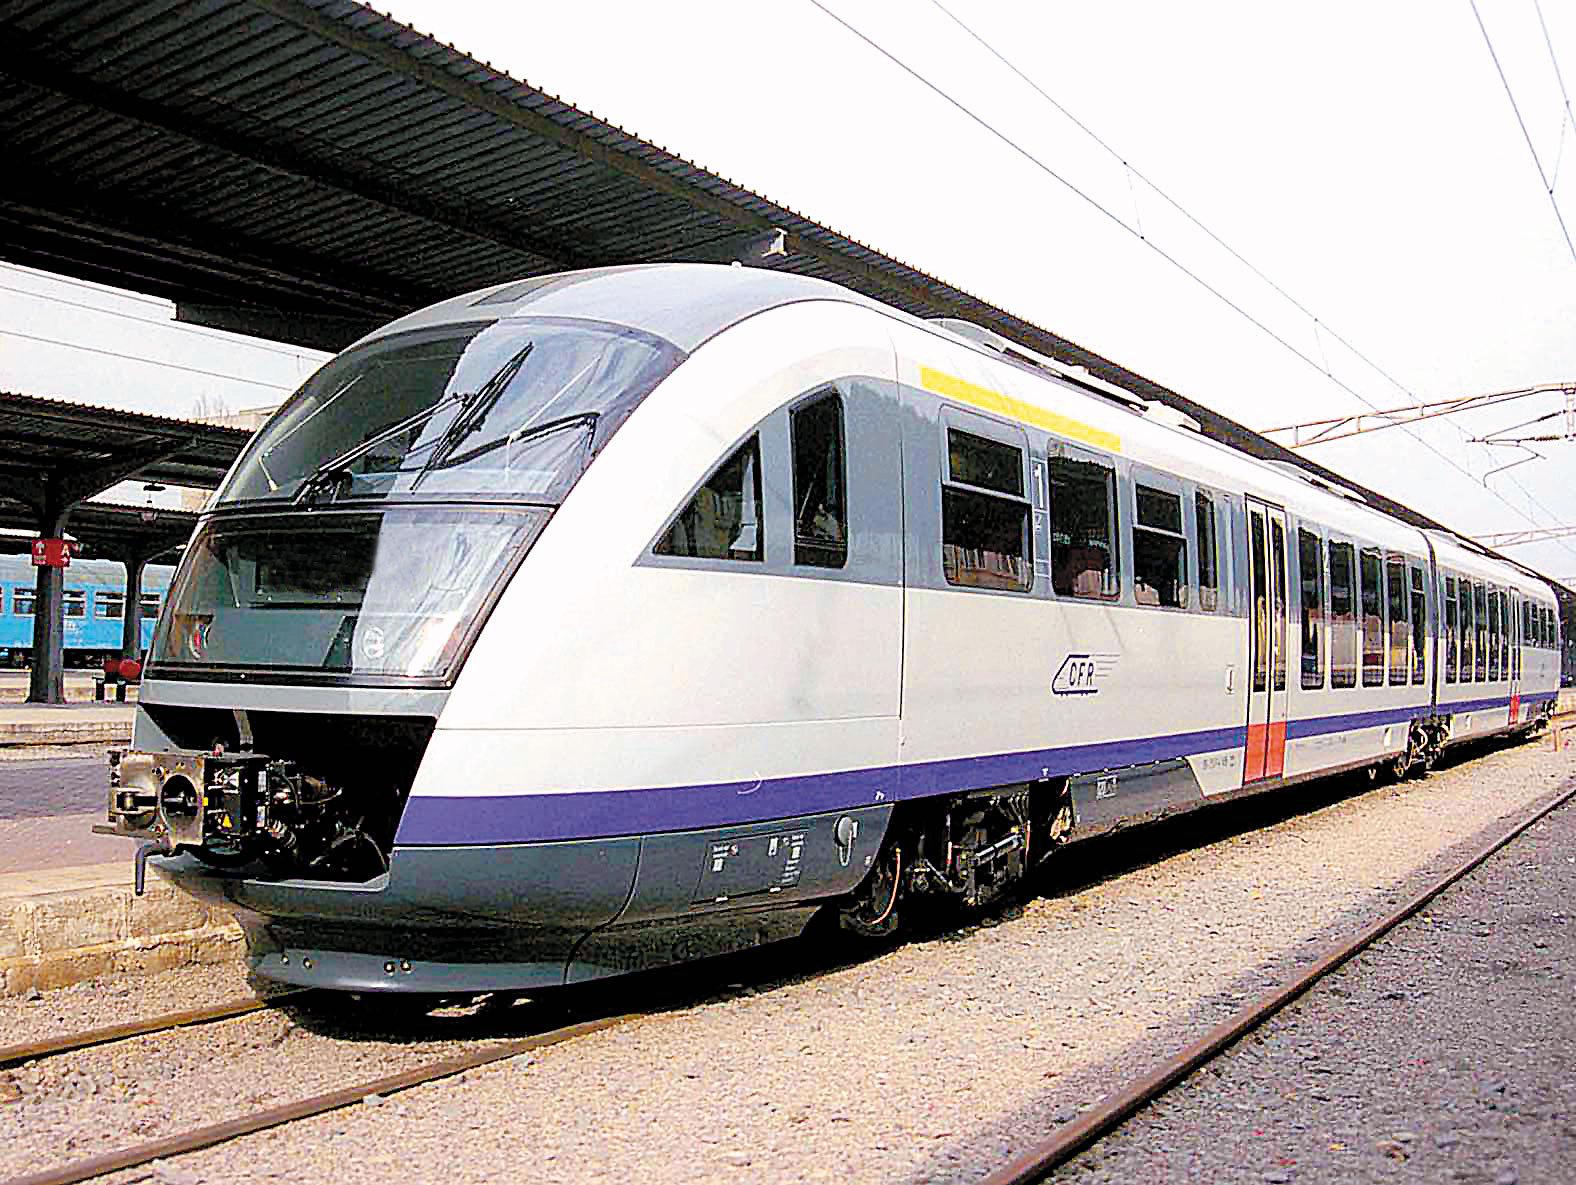 Proiect uriaş de 1,2 mld. euro pentru modernizarea a 60 km de cale ferată